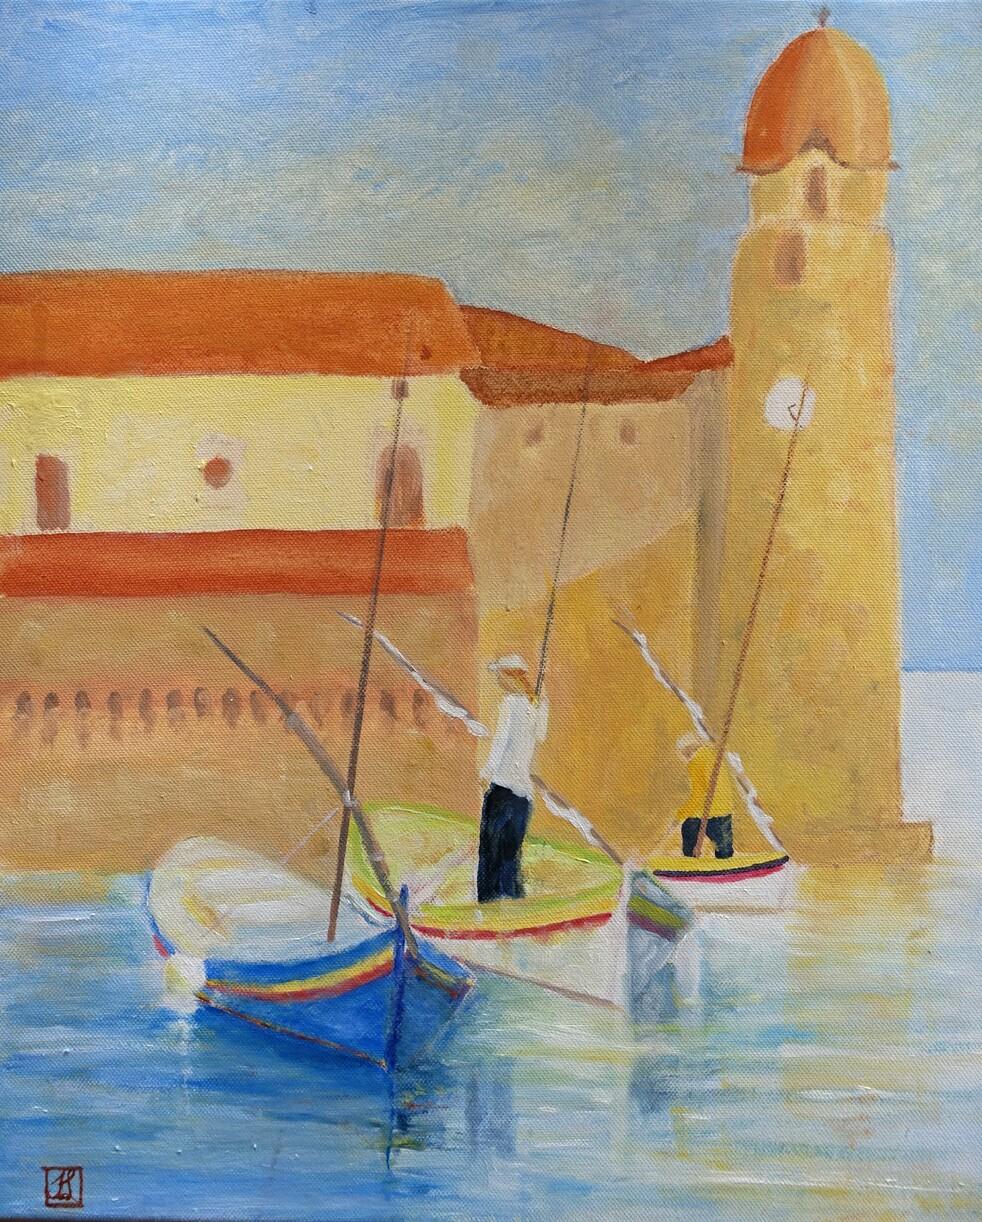 Barques à Collioure. Huile sur toile. 2019 Salon des Artistes de Trélivan